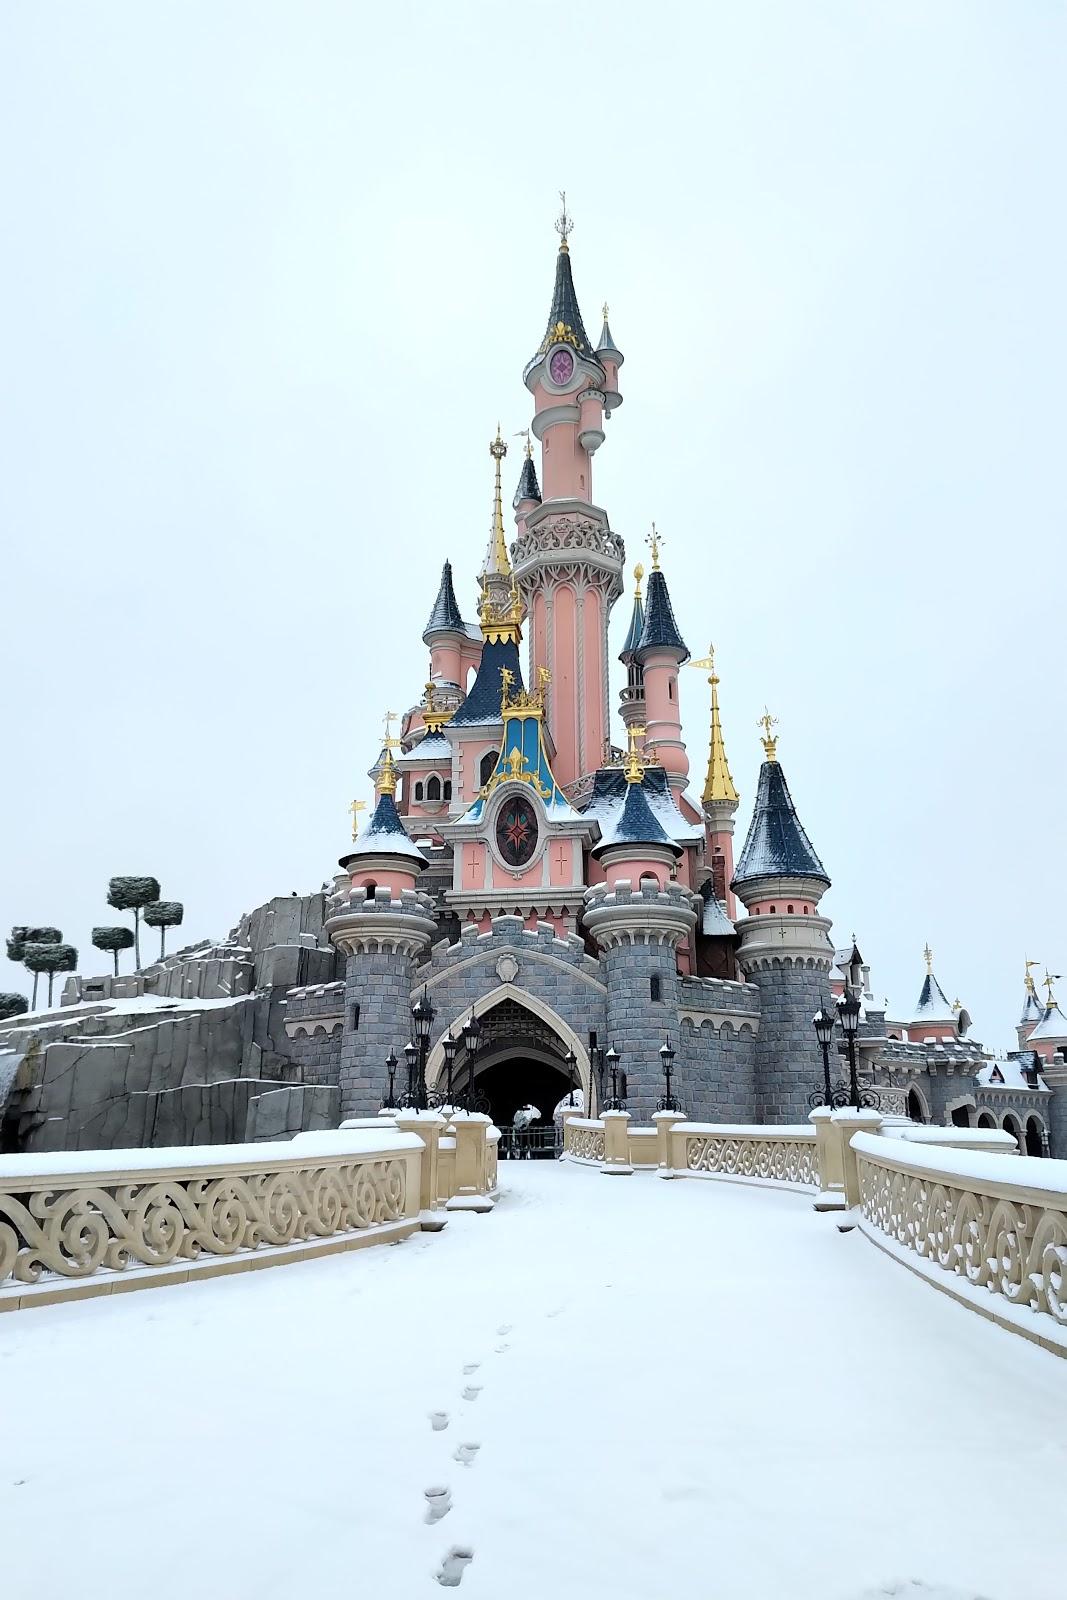 Photos via Disneyland Paris Resort